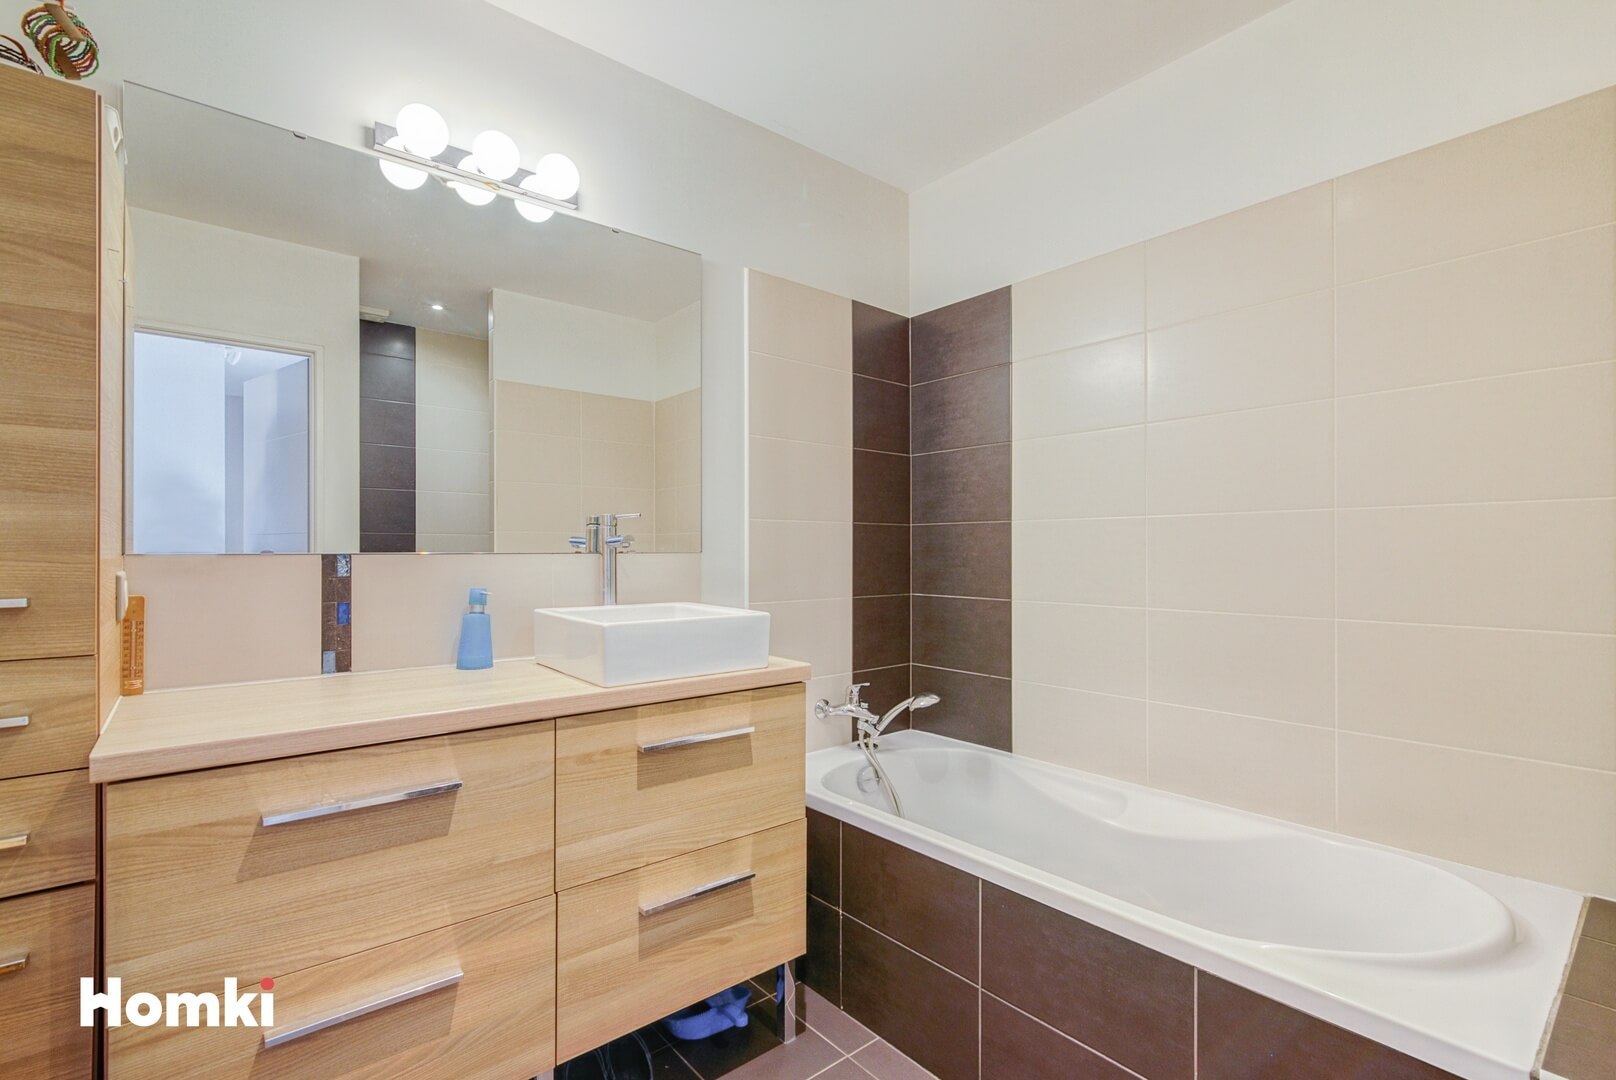 Homki - Vente Maison/villa  de 108.0 m² à Montanay 69250